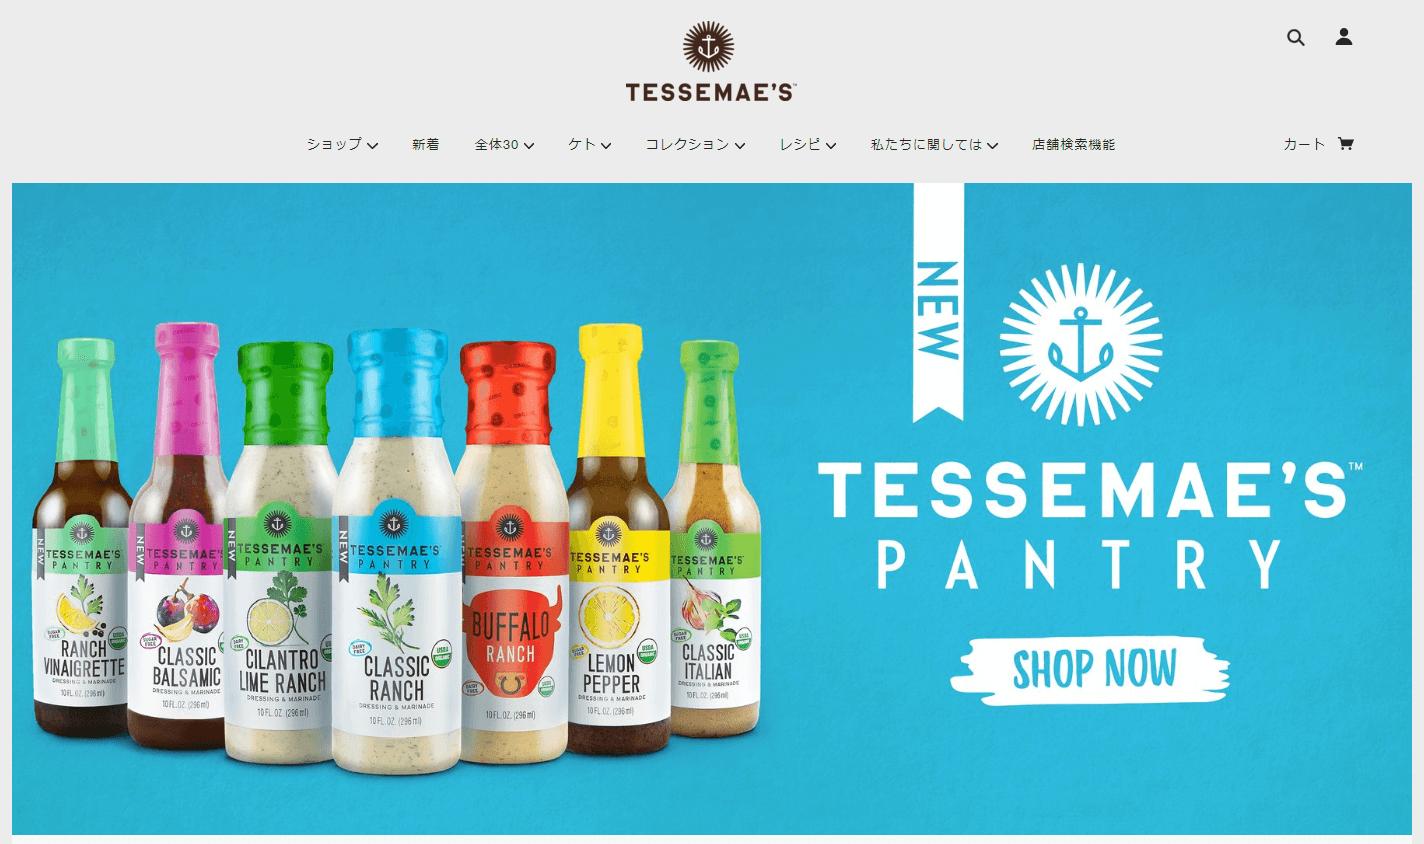 おしゃれECサイトのTEESMAE'S